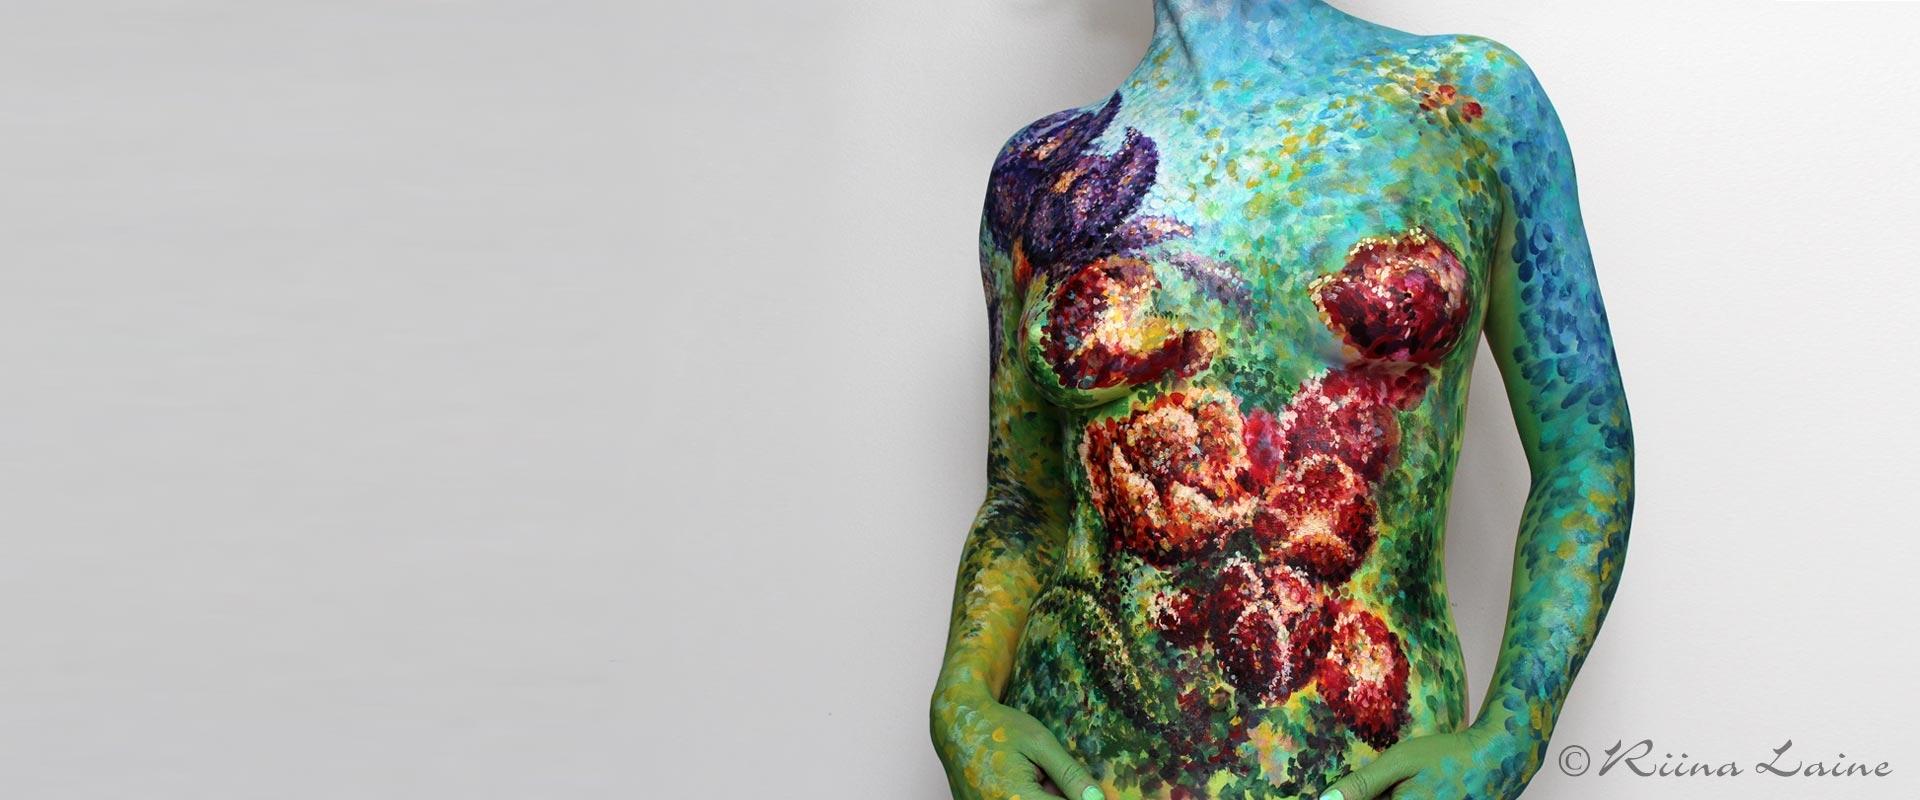 Riina Laine (@riinabodyart) Cover Image